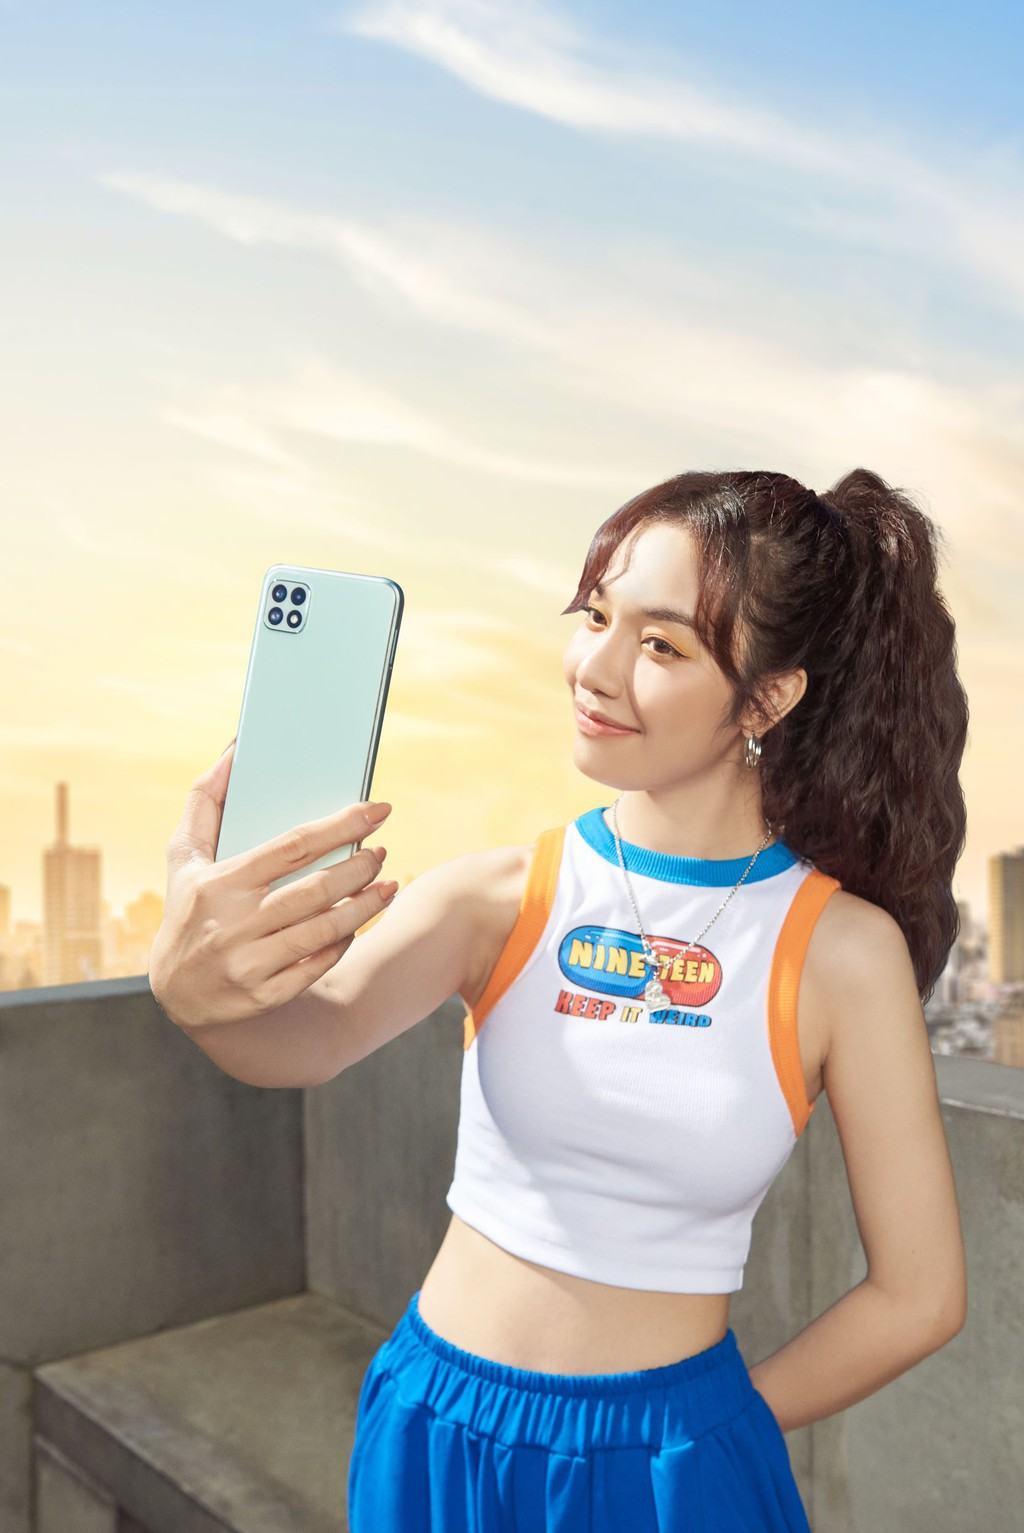 Samsung chính thức ra mắt Galaxy A22 camera chống rung quang học OIS giá 5,9 triệu ảnh 7